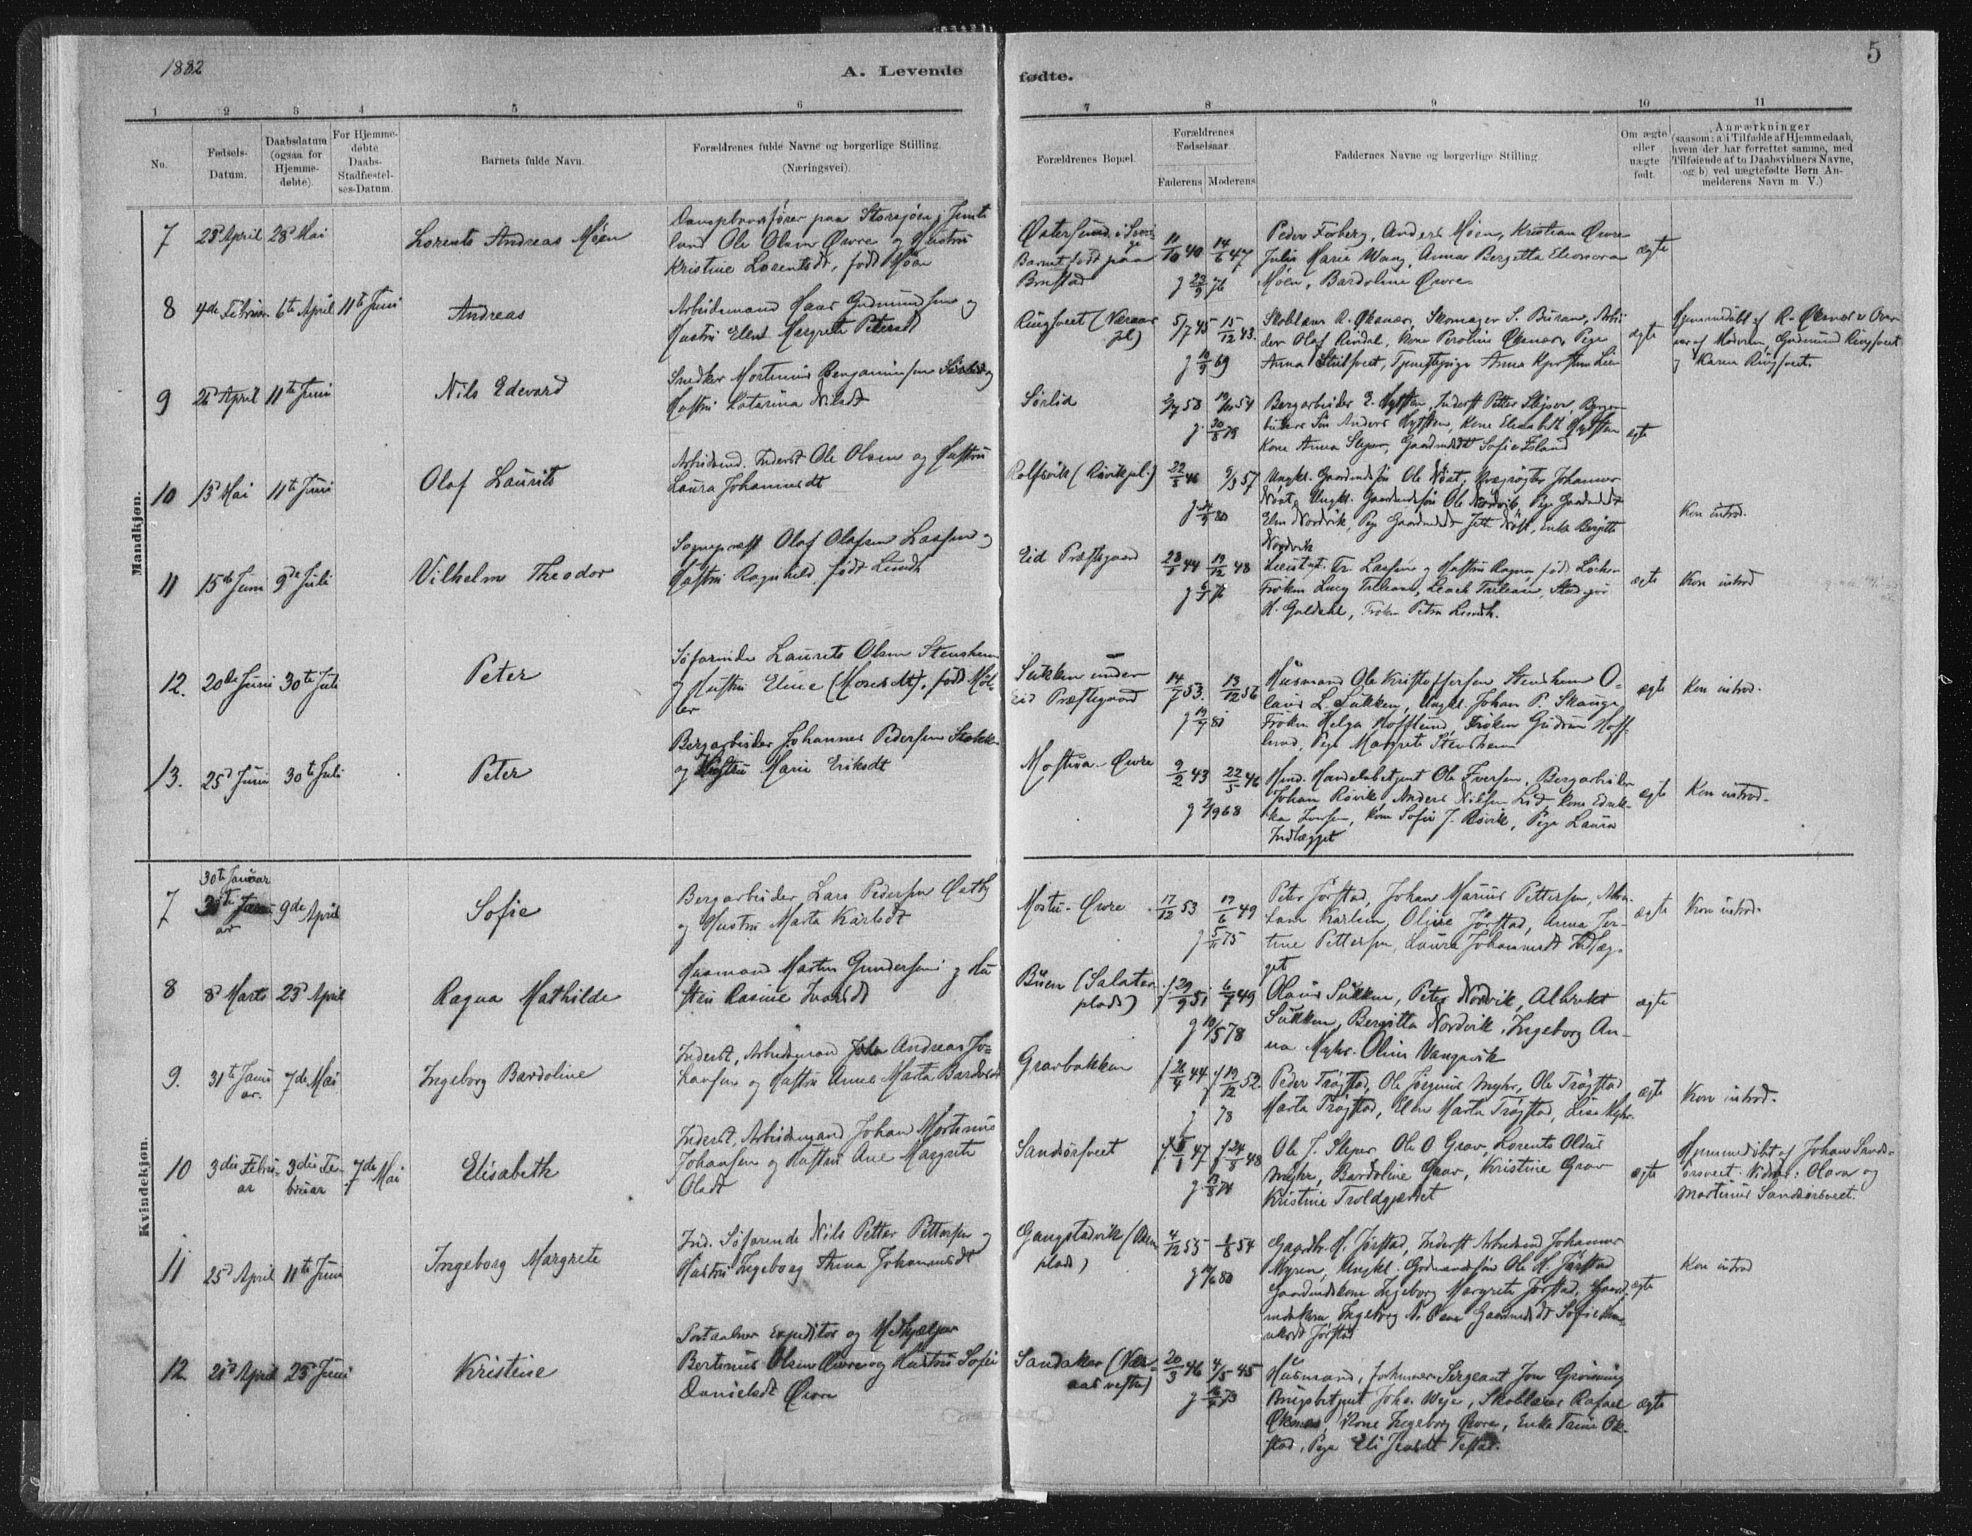 SAT, Ministerialprotokoller, klokkerbøker og fødselsregistre - Nord-Trøndelag, 722/L0220: Ministerialbok nr. 722A07, 1881-1908, s. 5